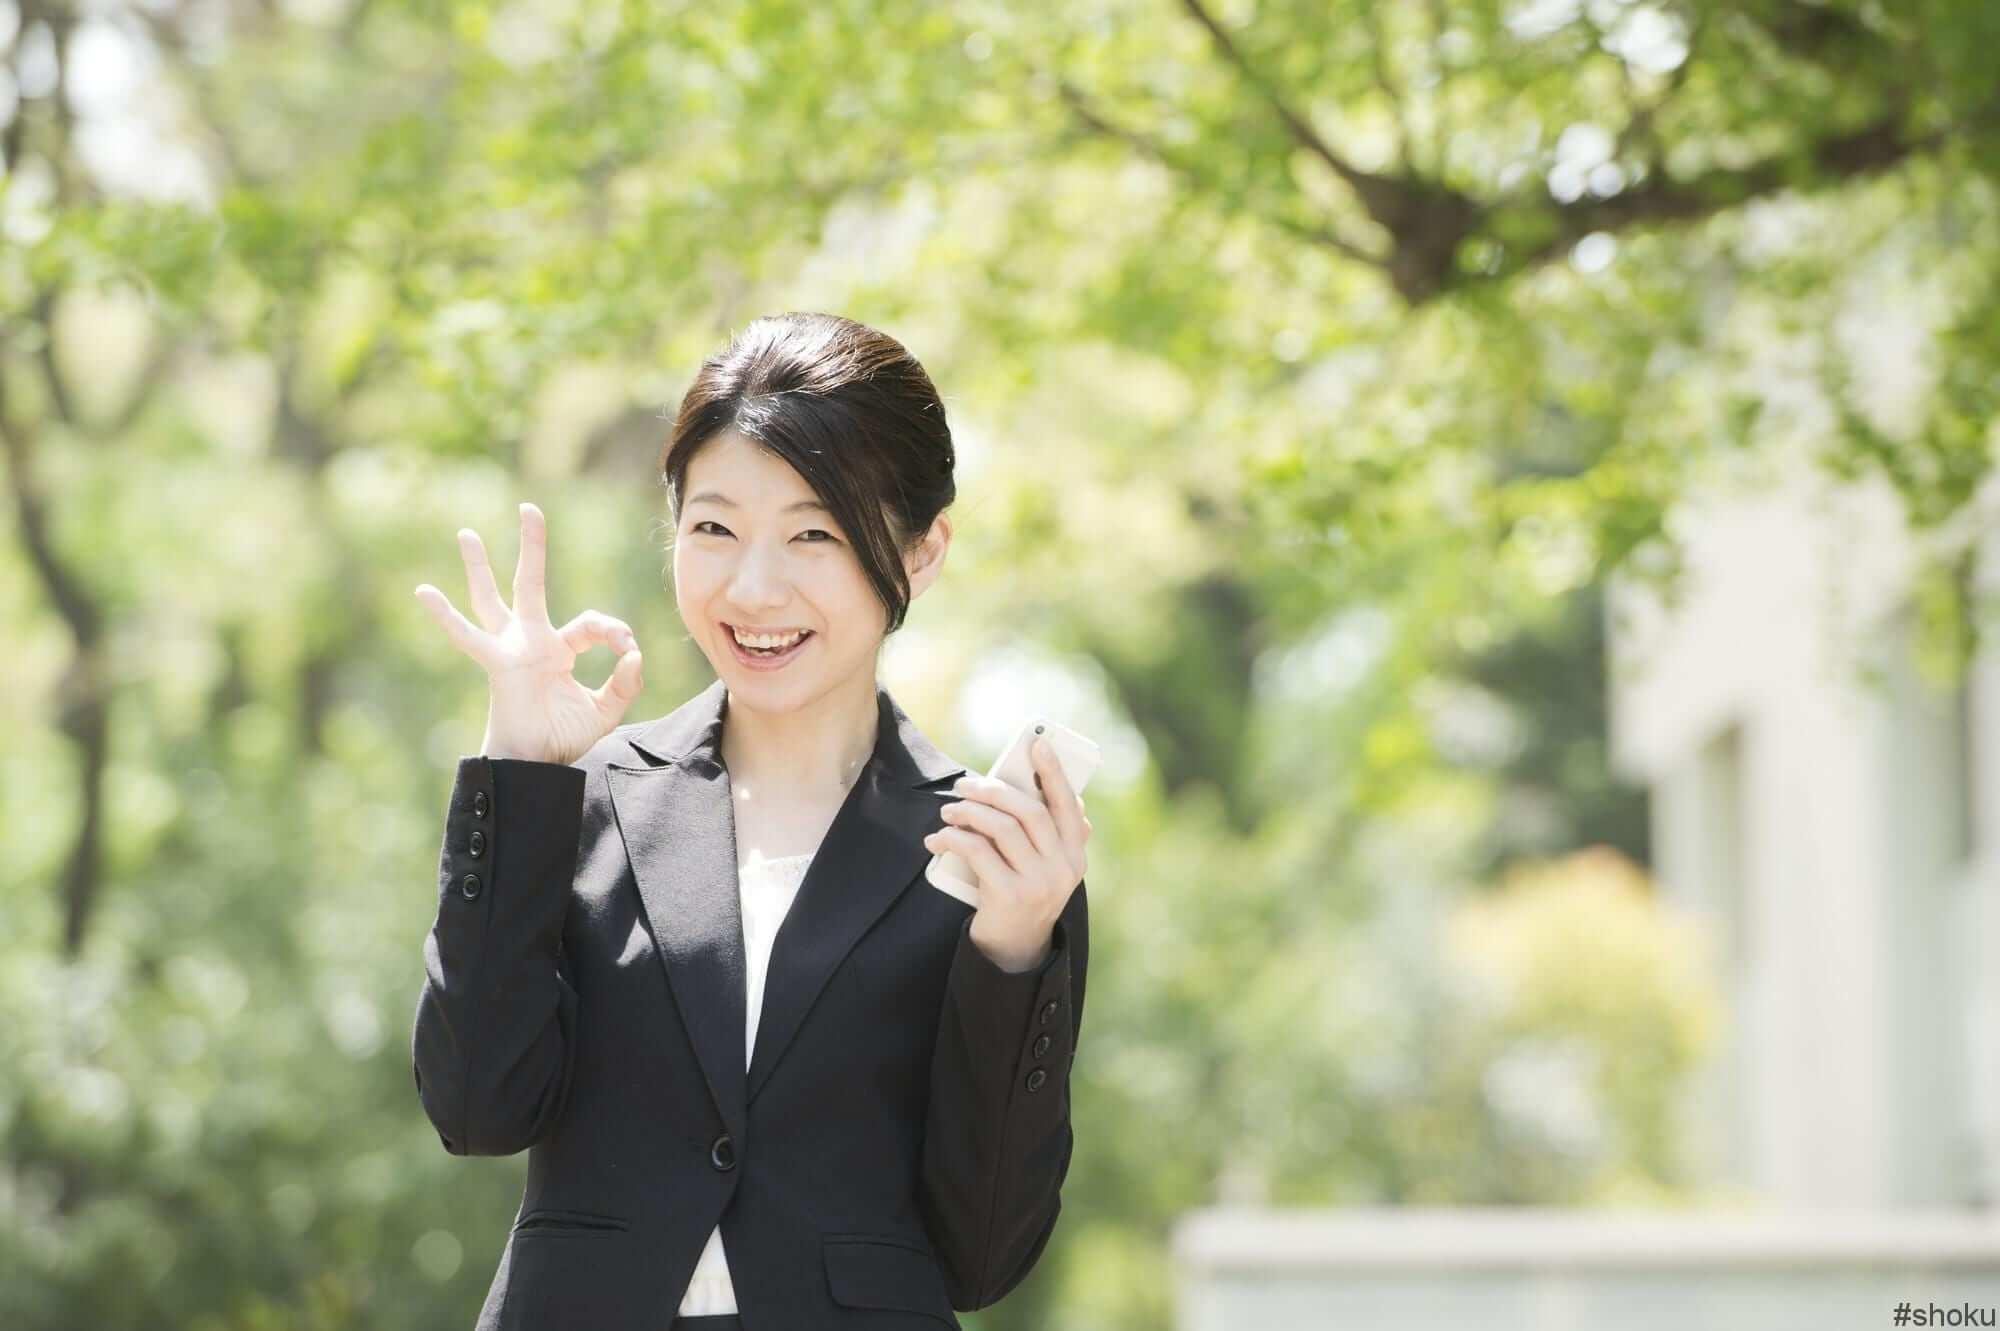 理想の経理事務の仕事に転職しようと意気込む女性